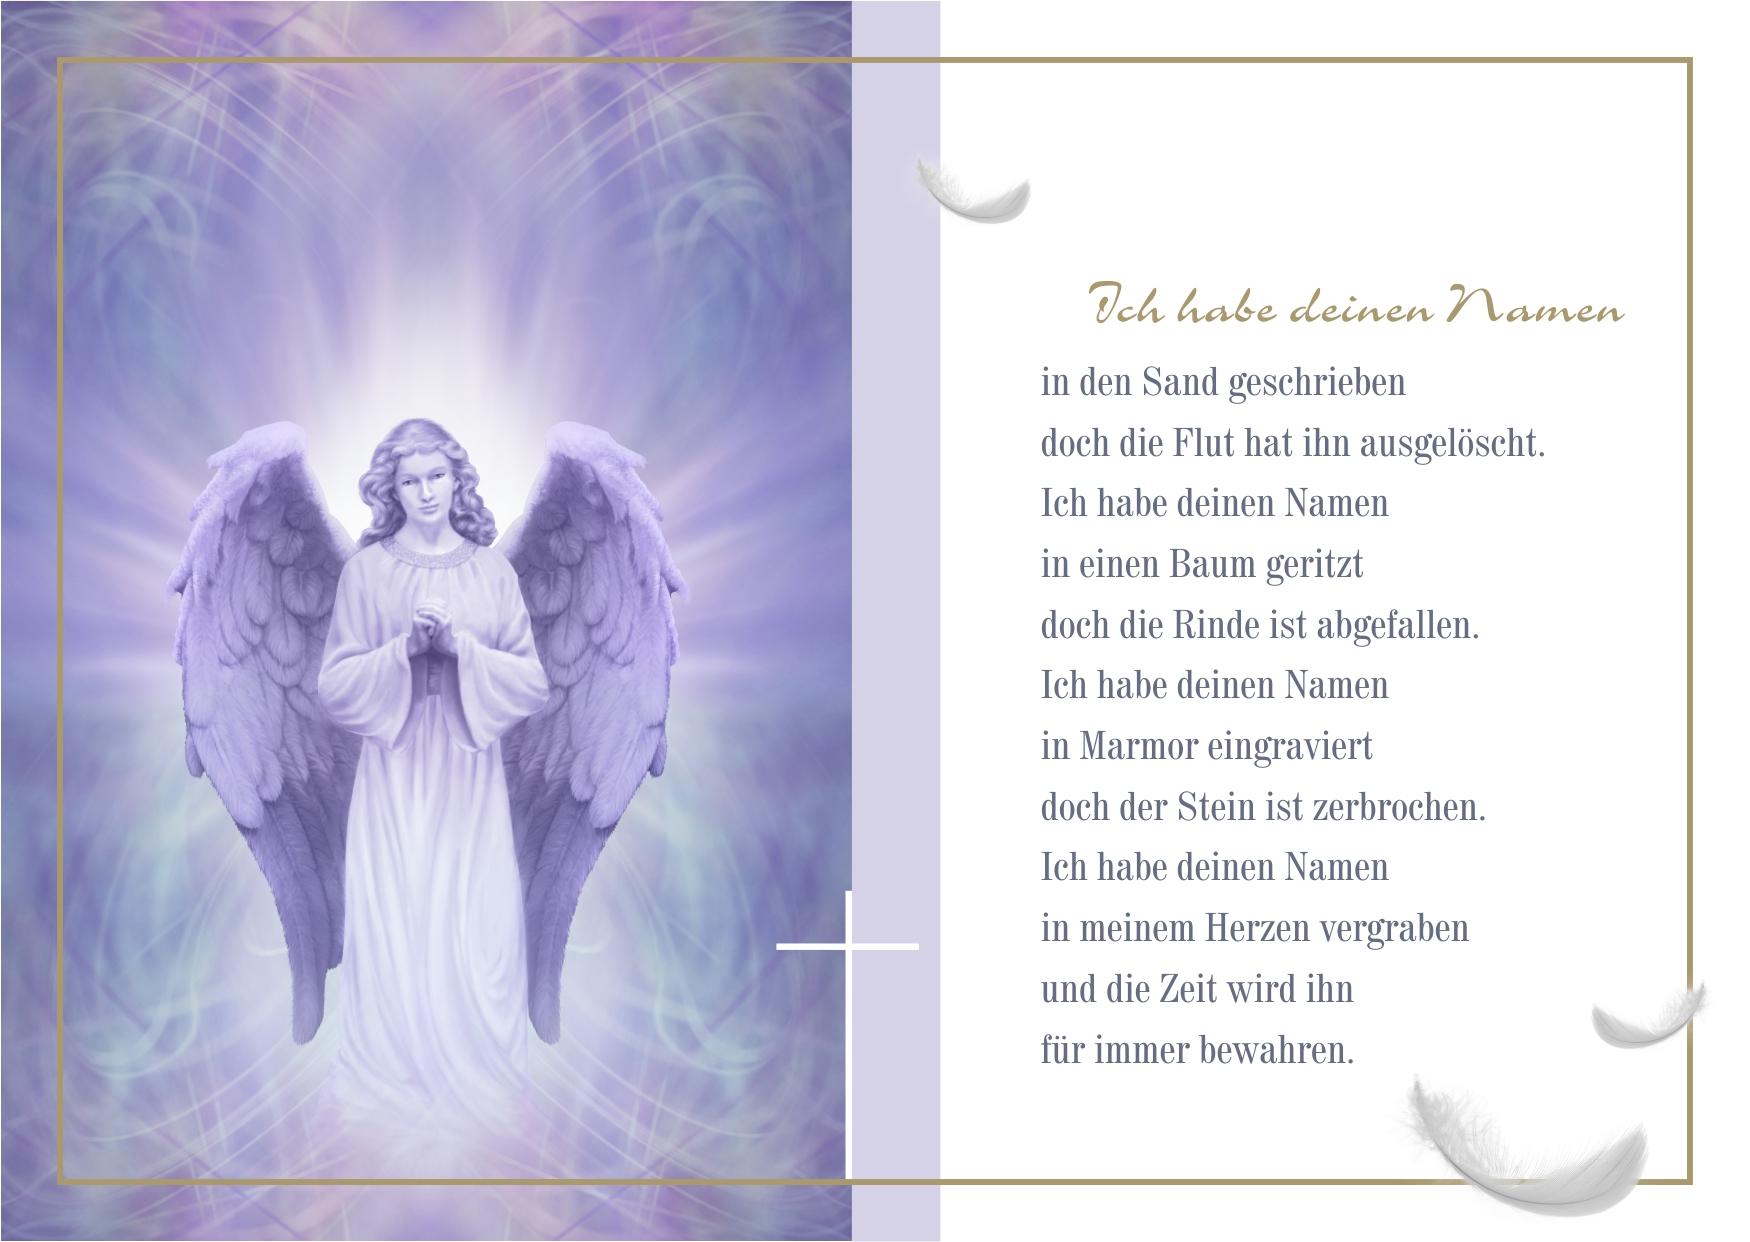 Trauerkarte mit Spruch kostenlos zum Download - Persönliche Worte für die Trauerkarte finden